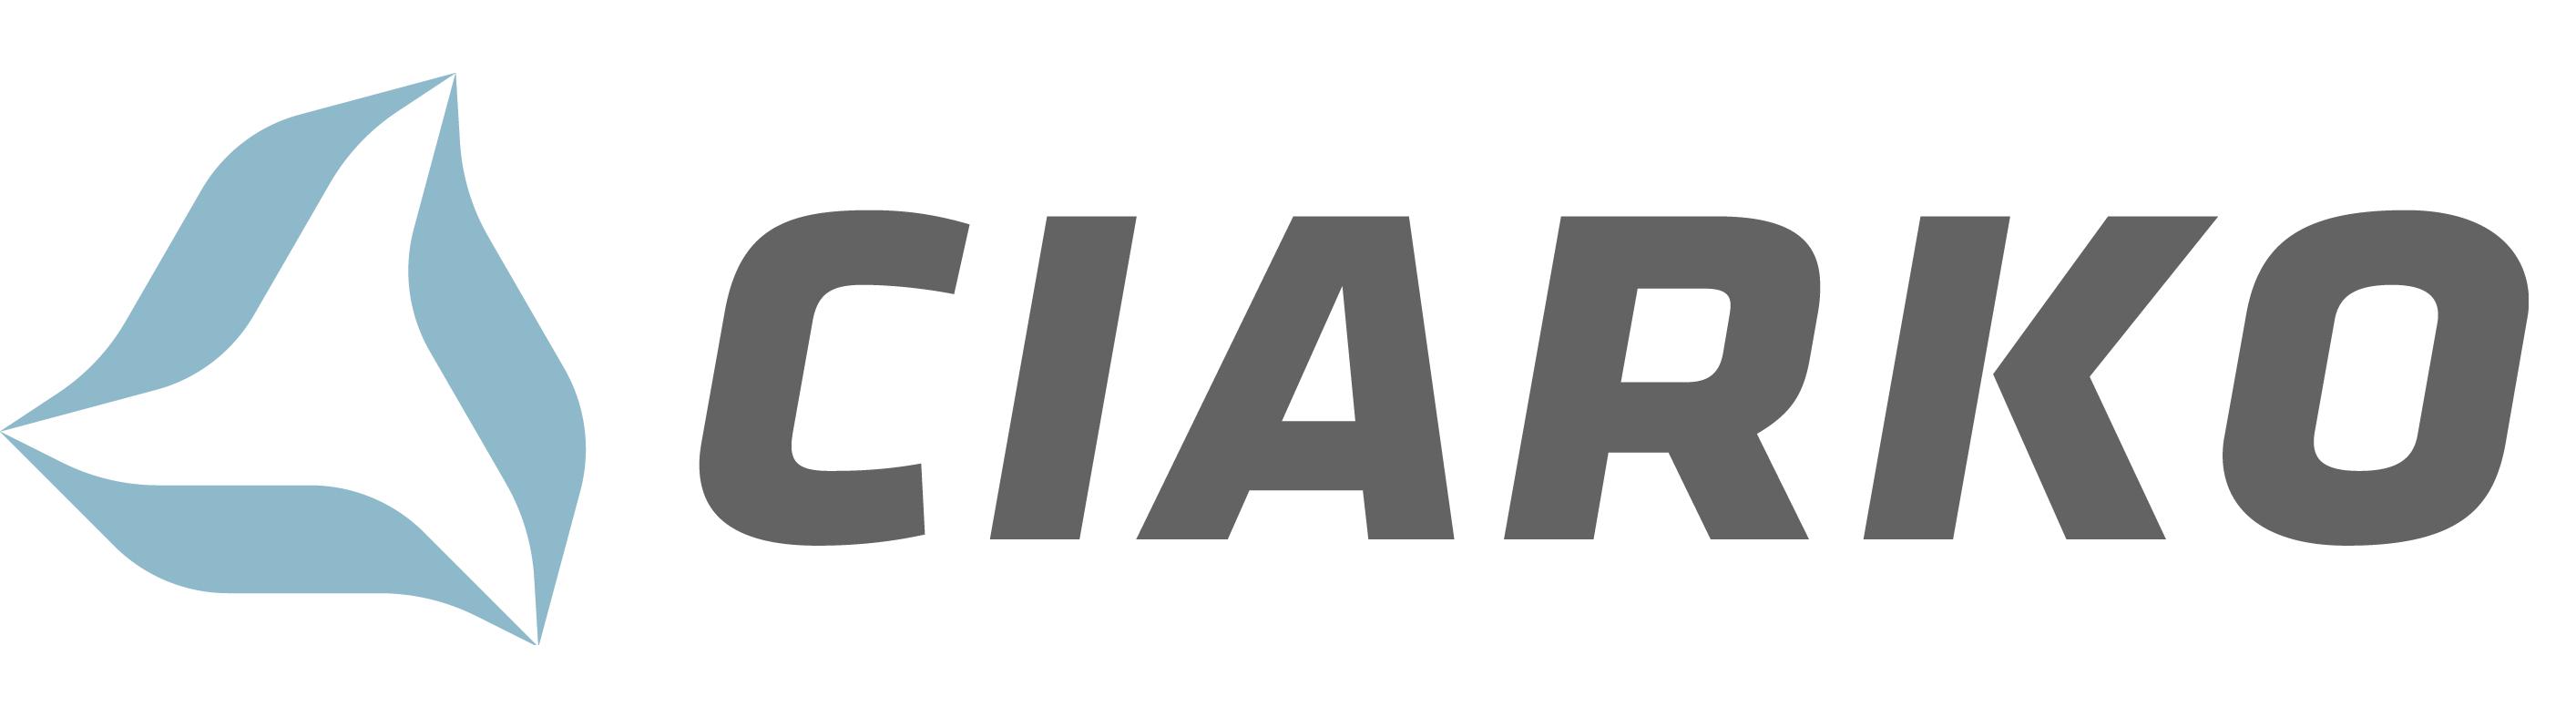 Ciarko logo - Акция! При покупке кухни вытяжка вподарок! фото и цены